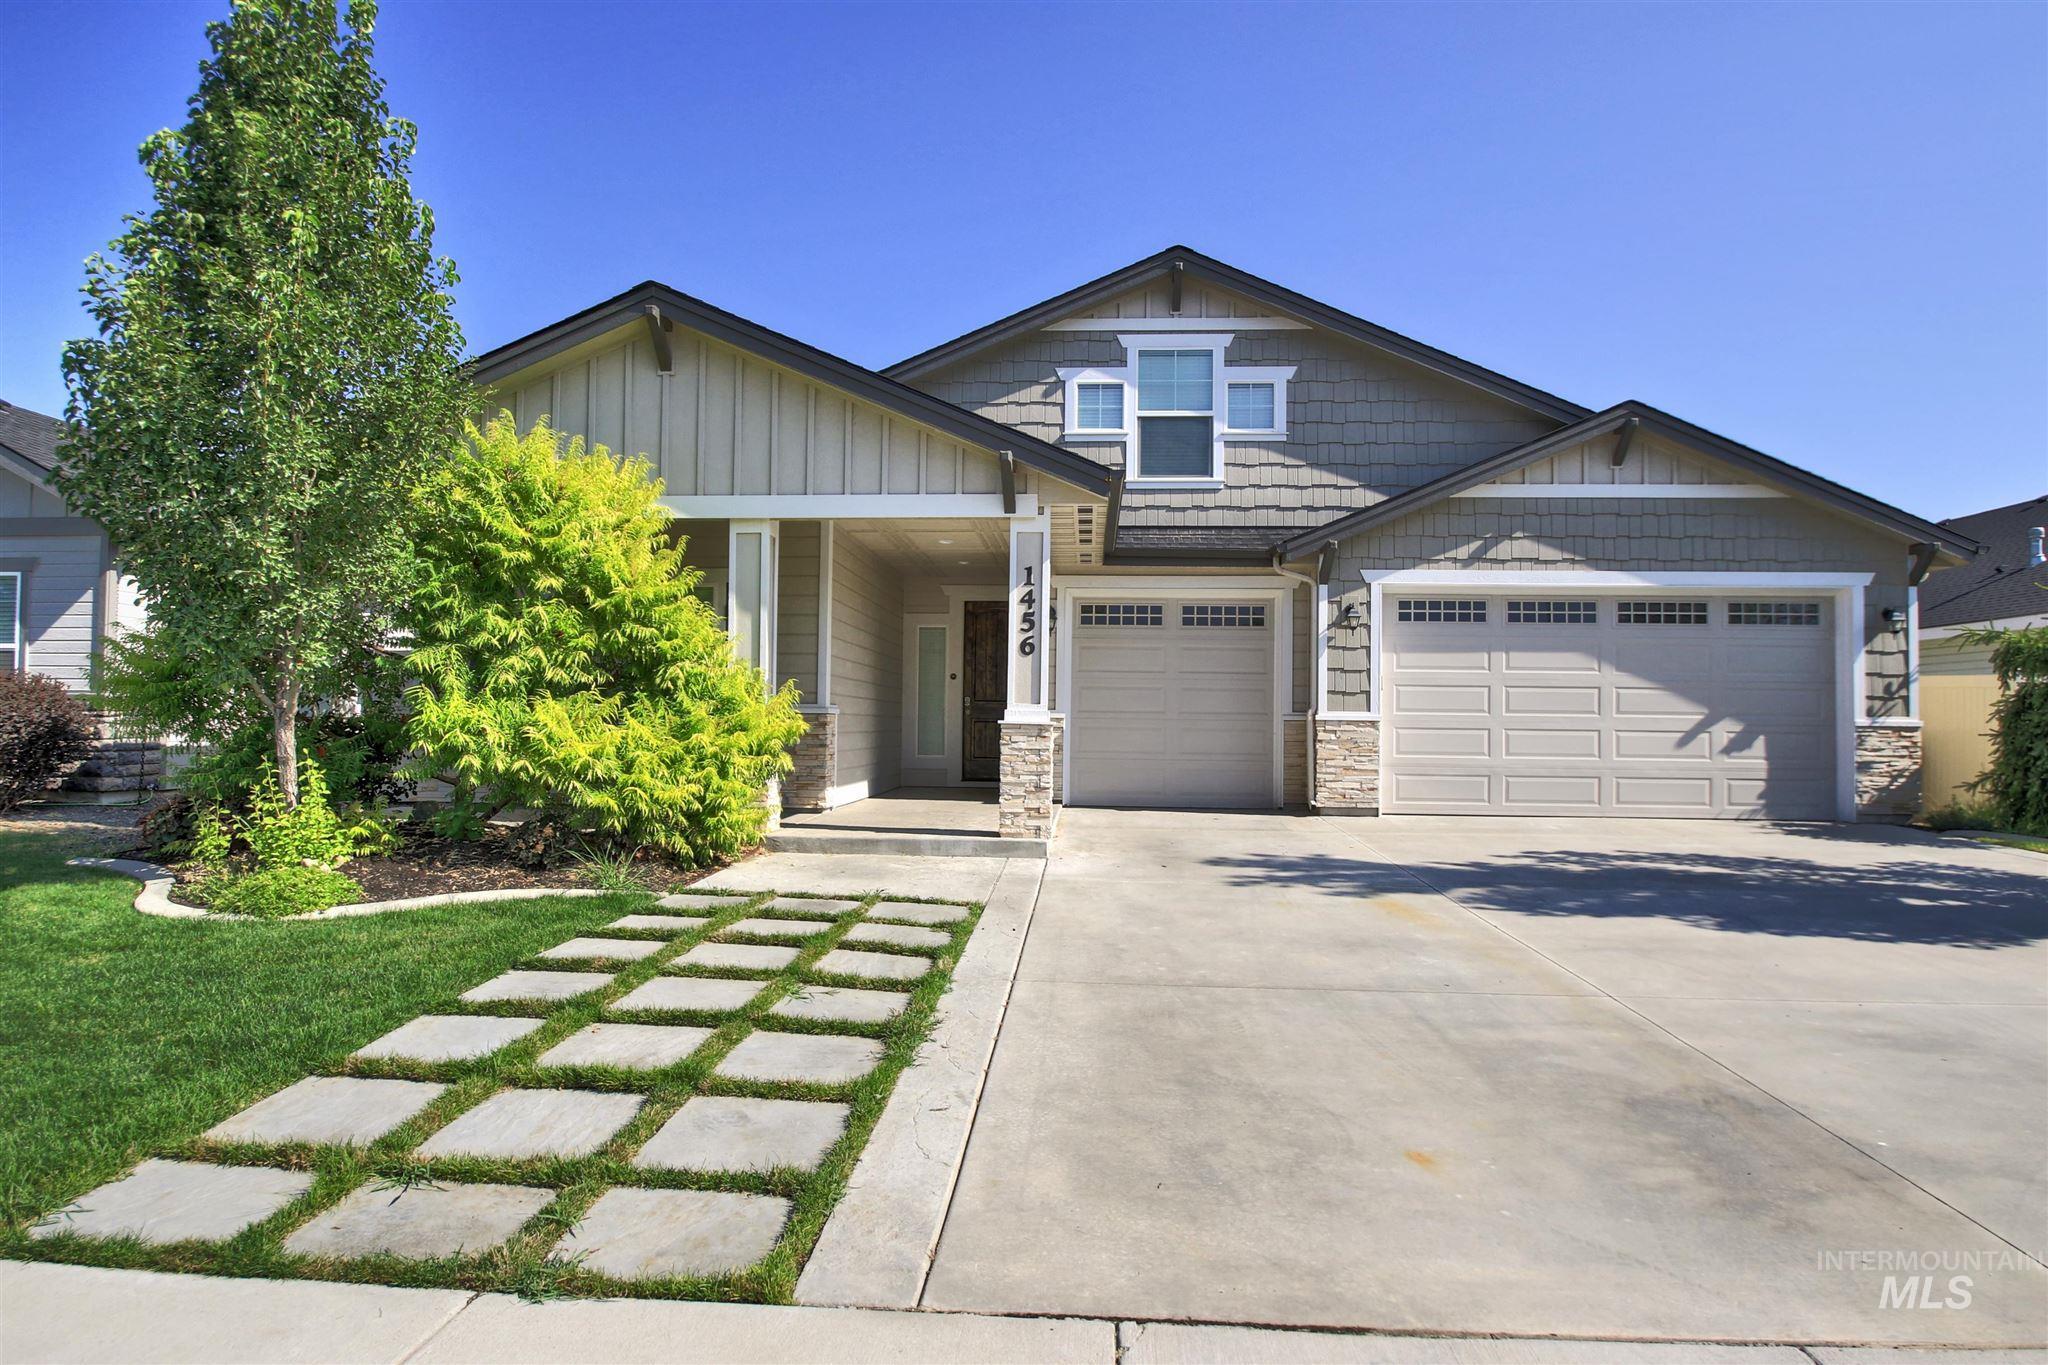 Casa Bella Real Estate Listings Main Image